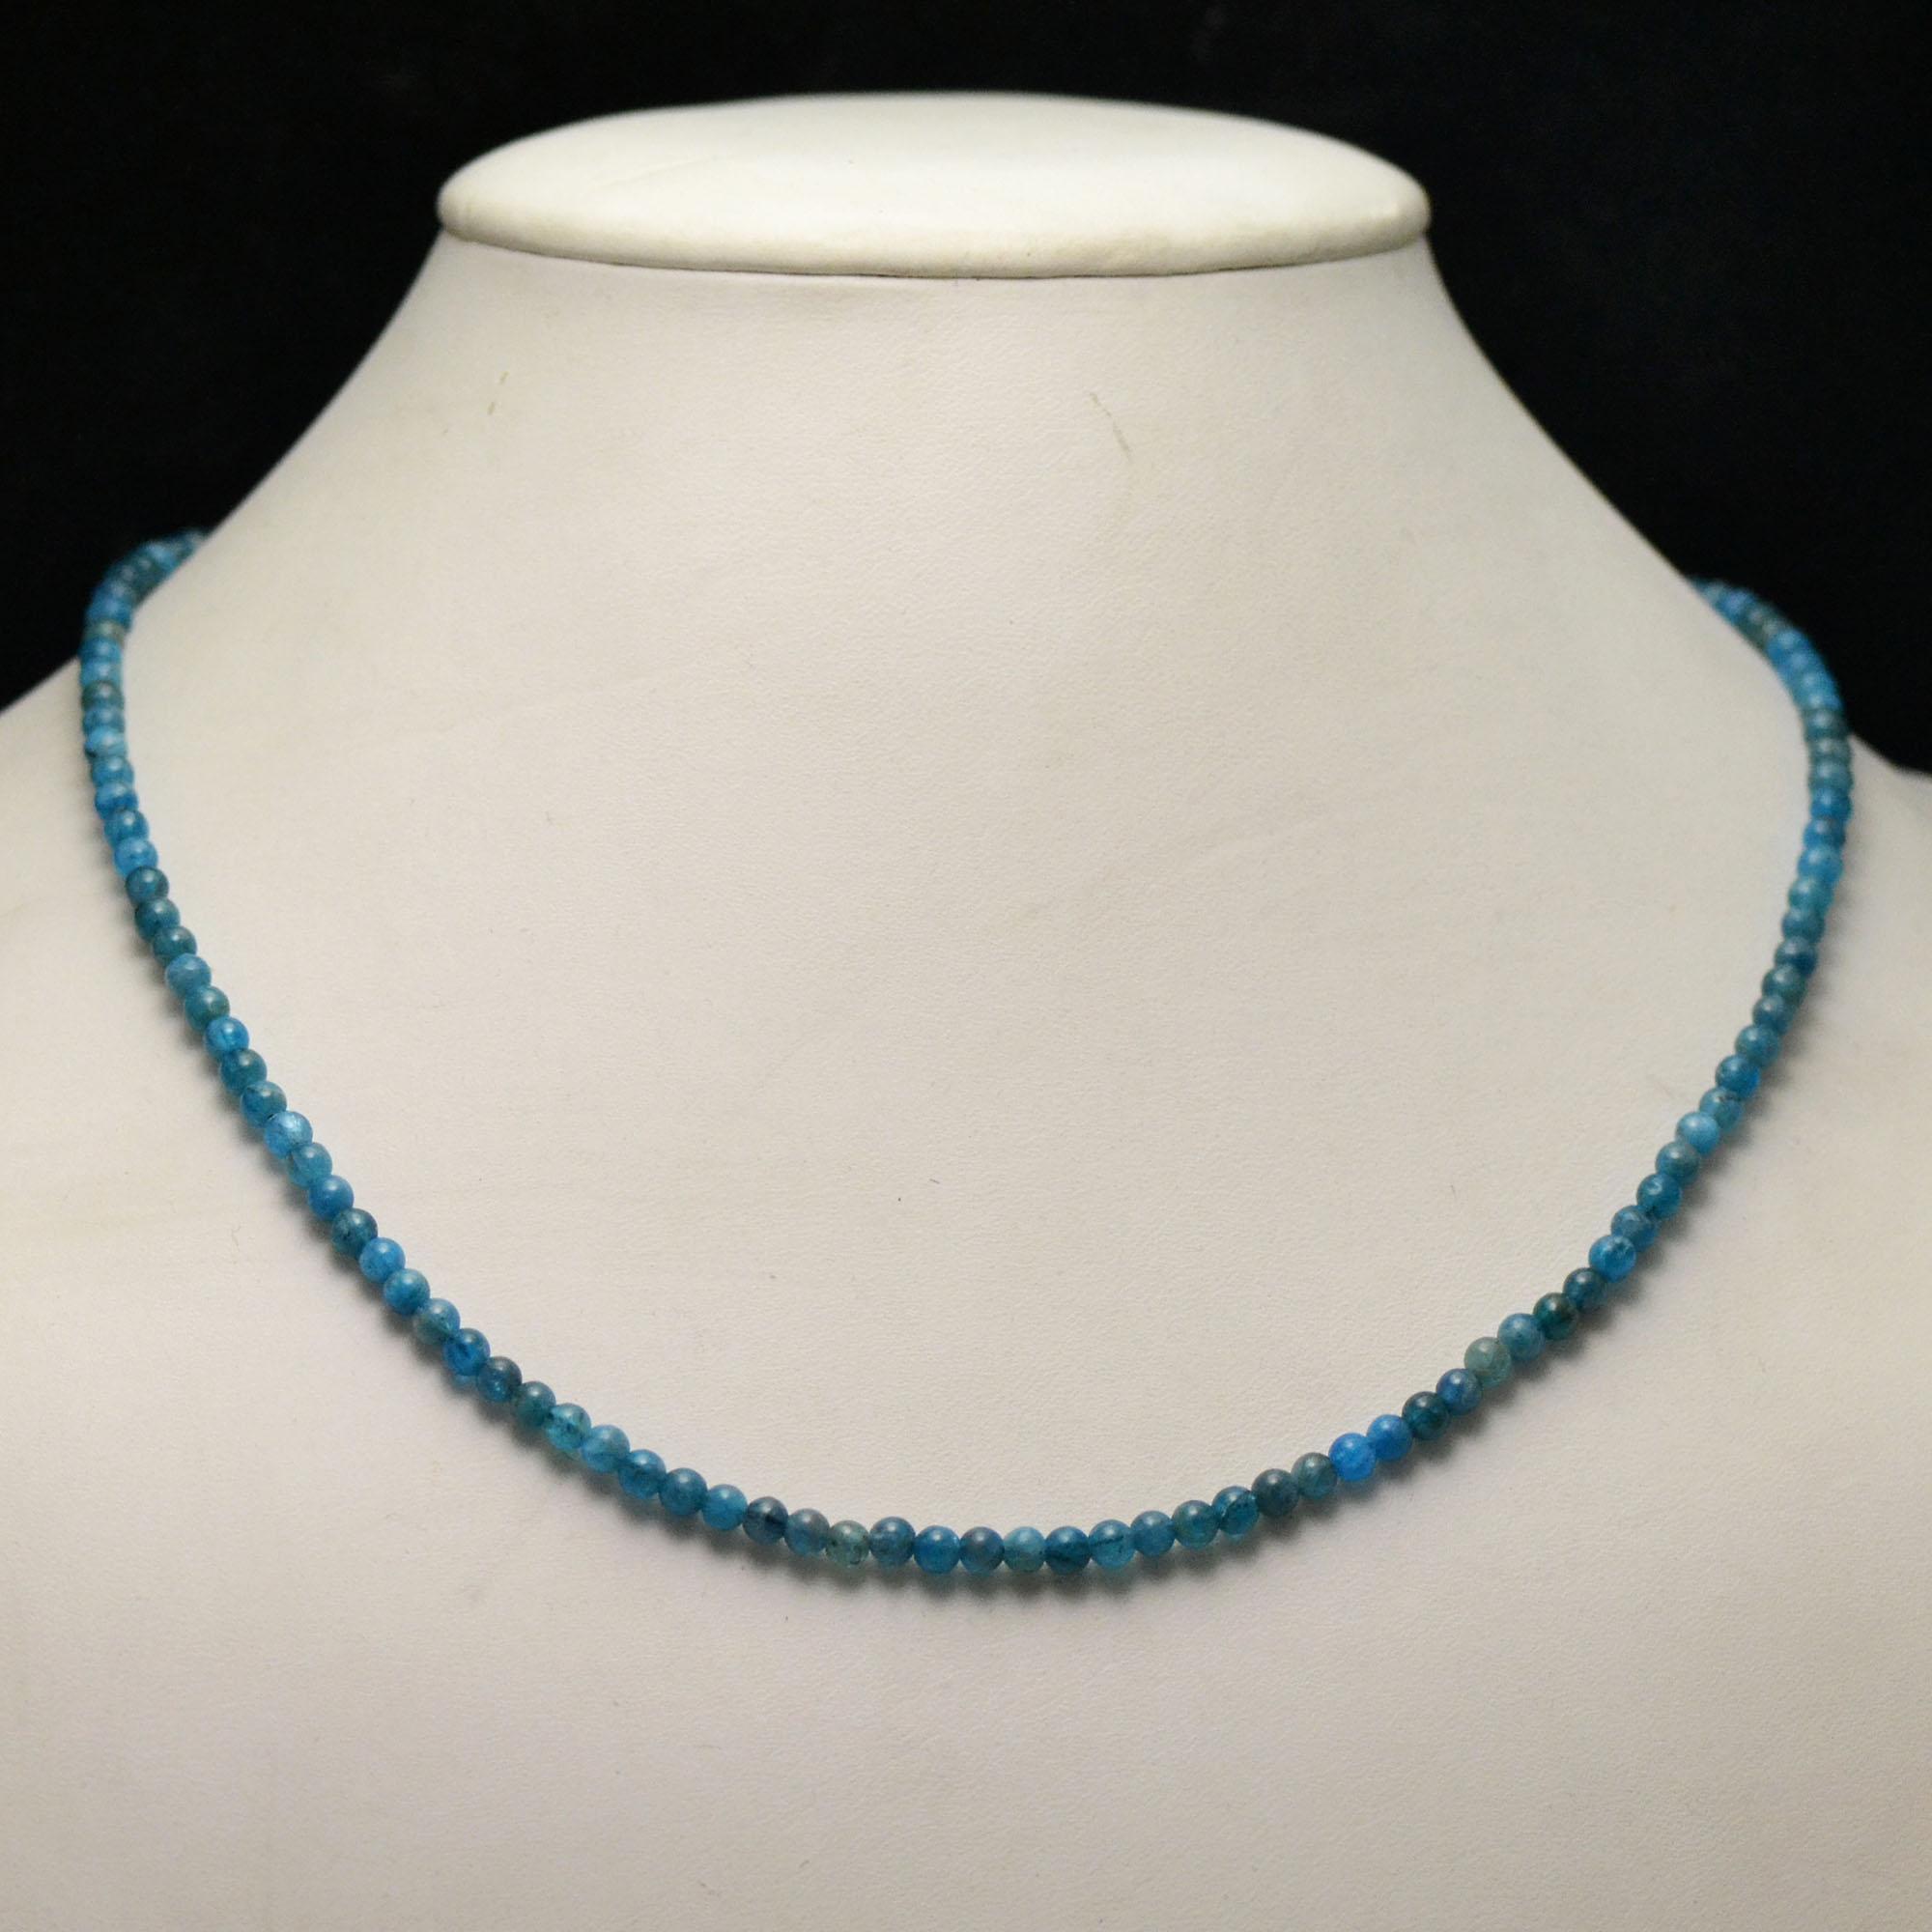 collier en apatite, perle ronde 3-4 mm